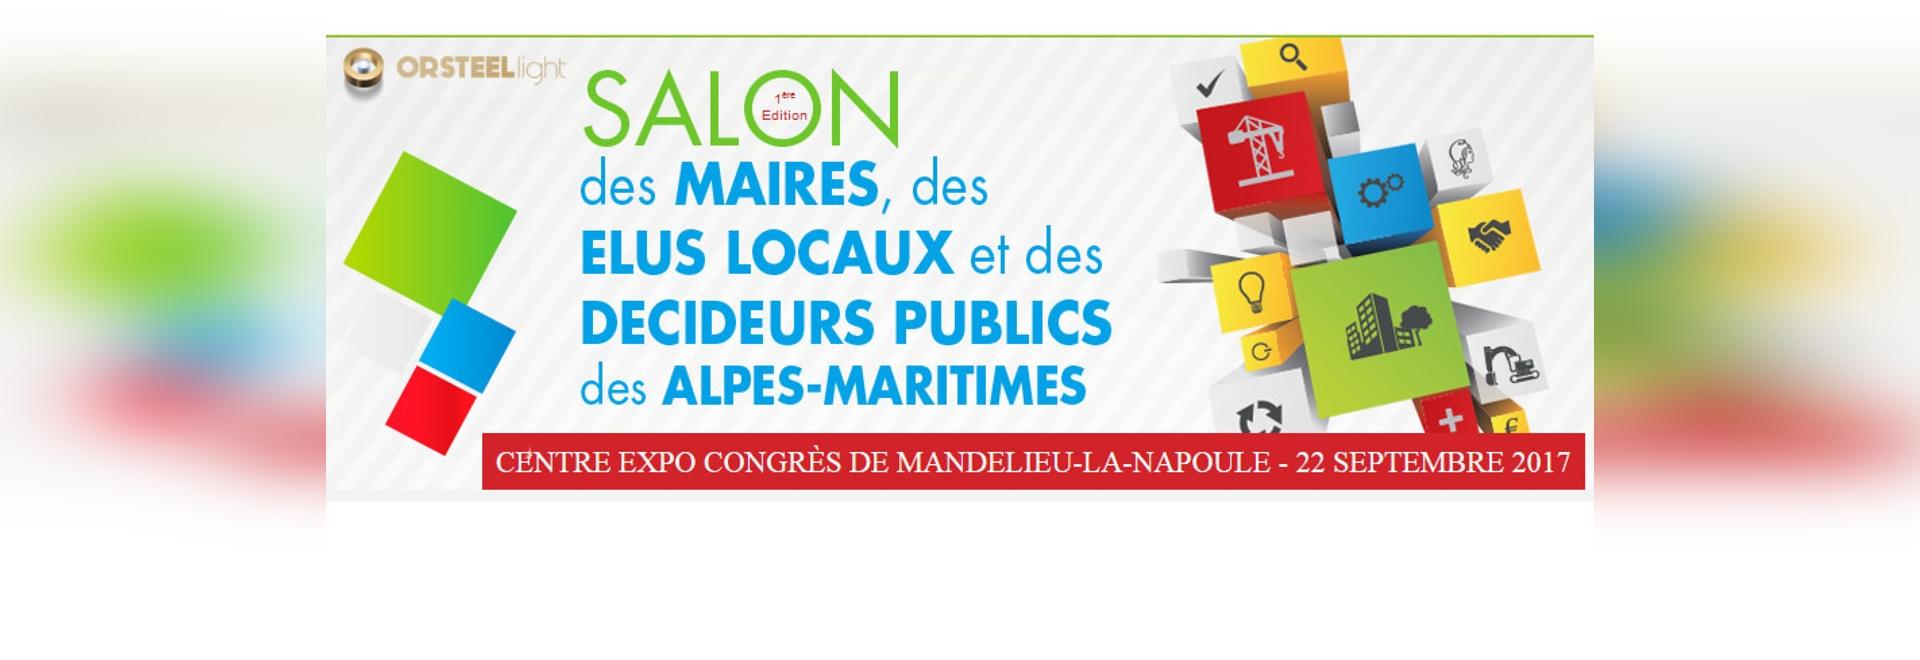 Participation au salon des Maires des Alpes-Maritimes ! [22 Septembre 2017 à Mandelieu]